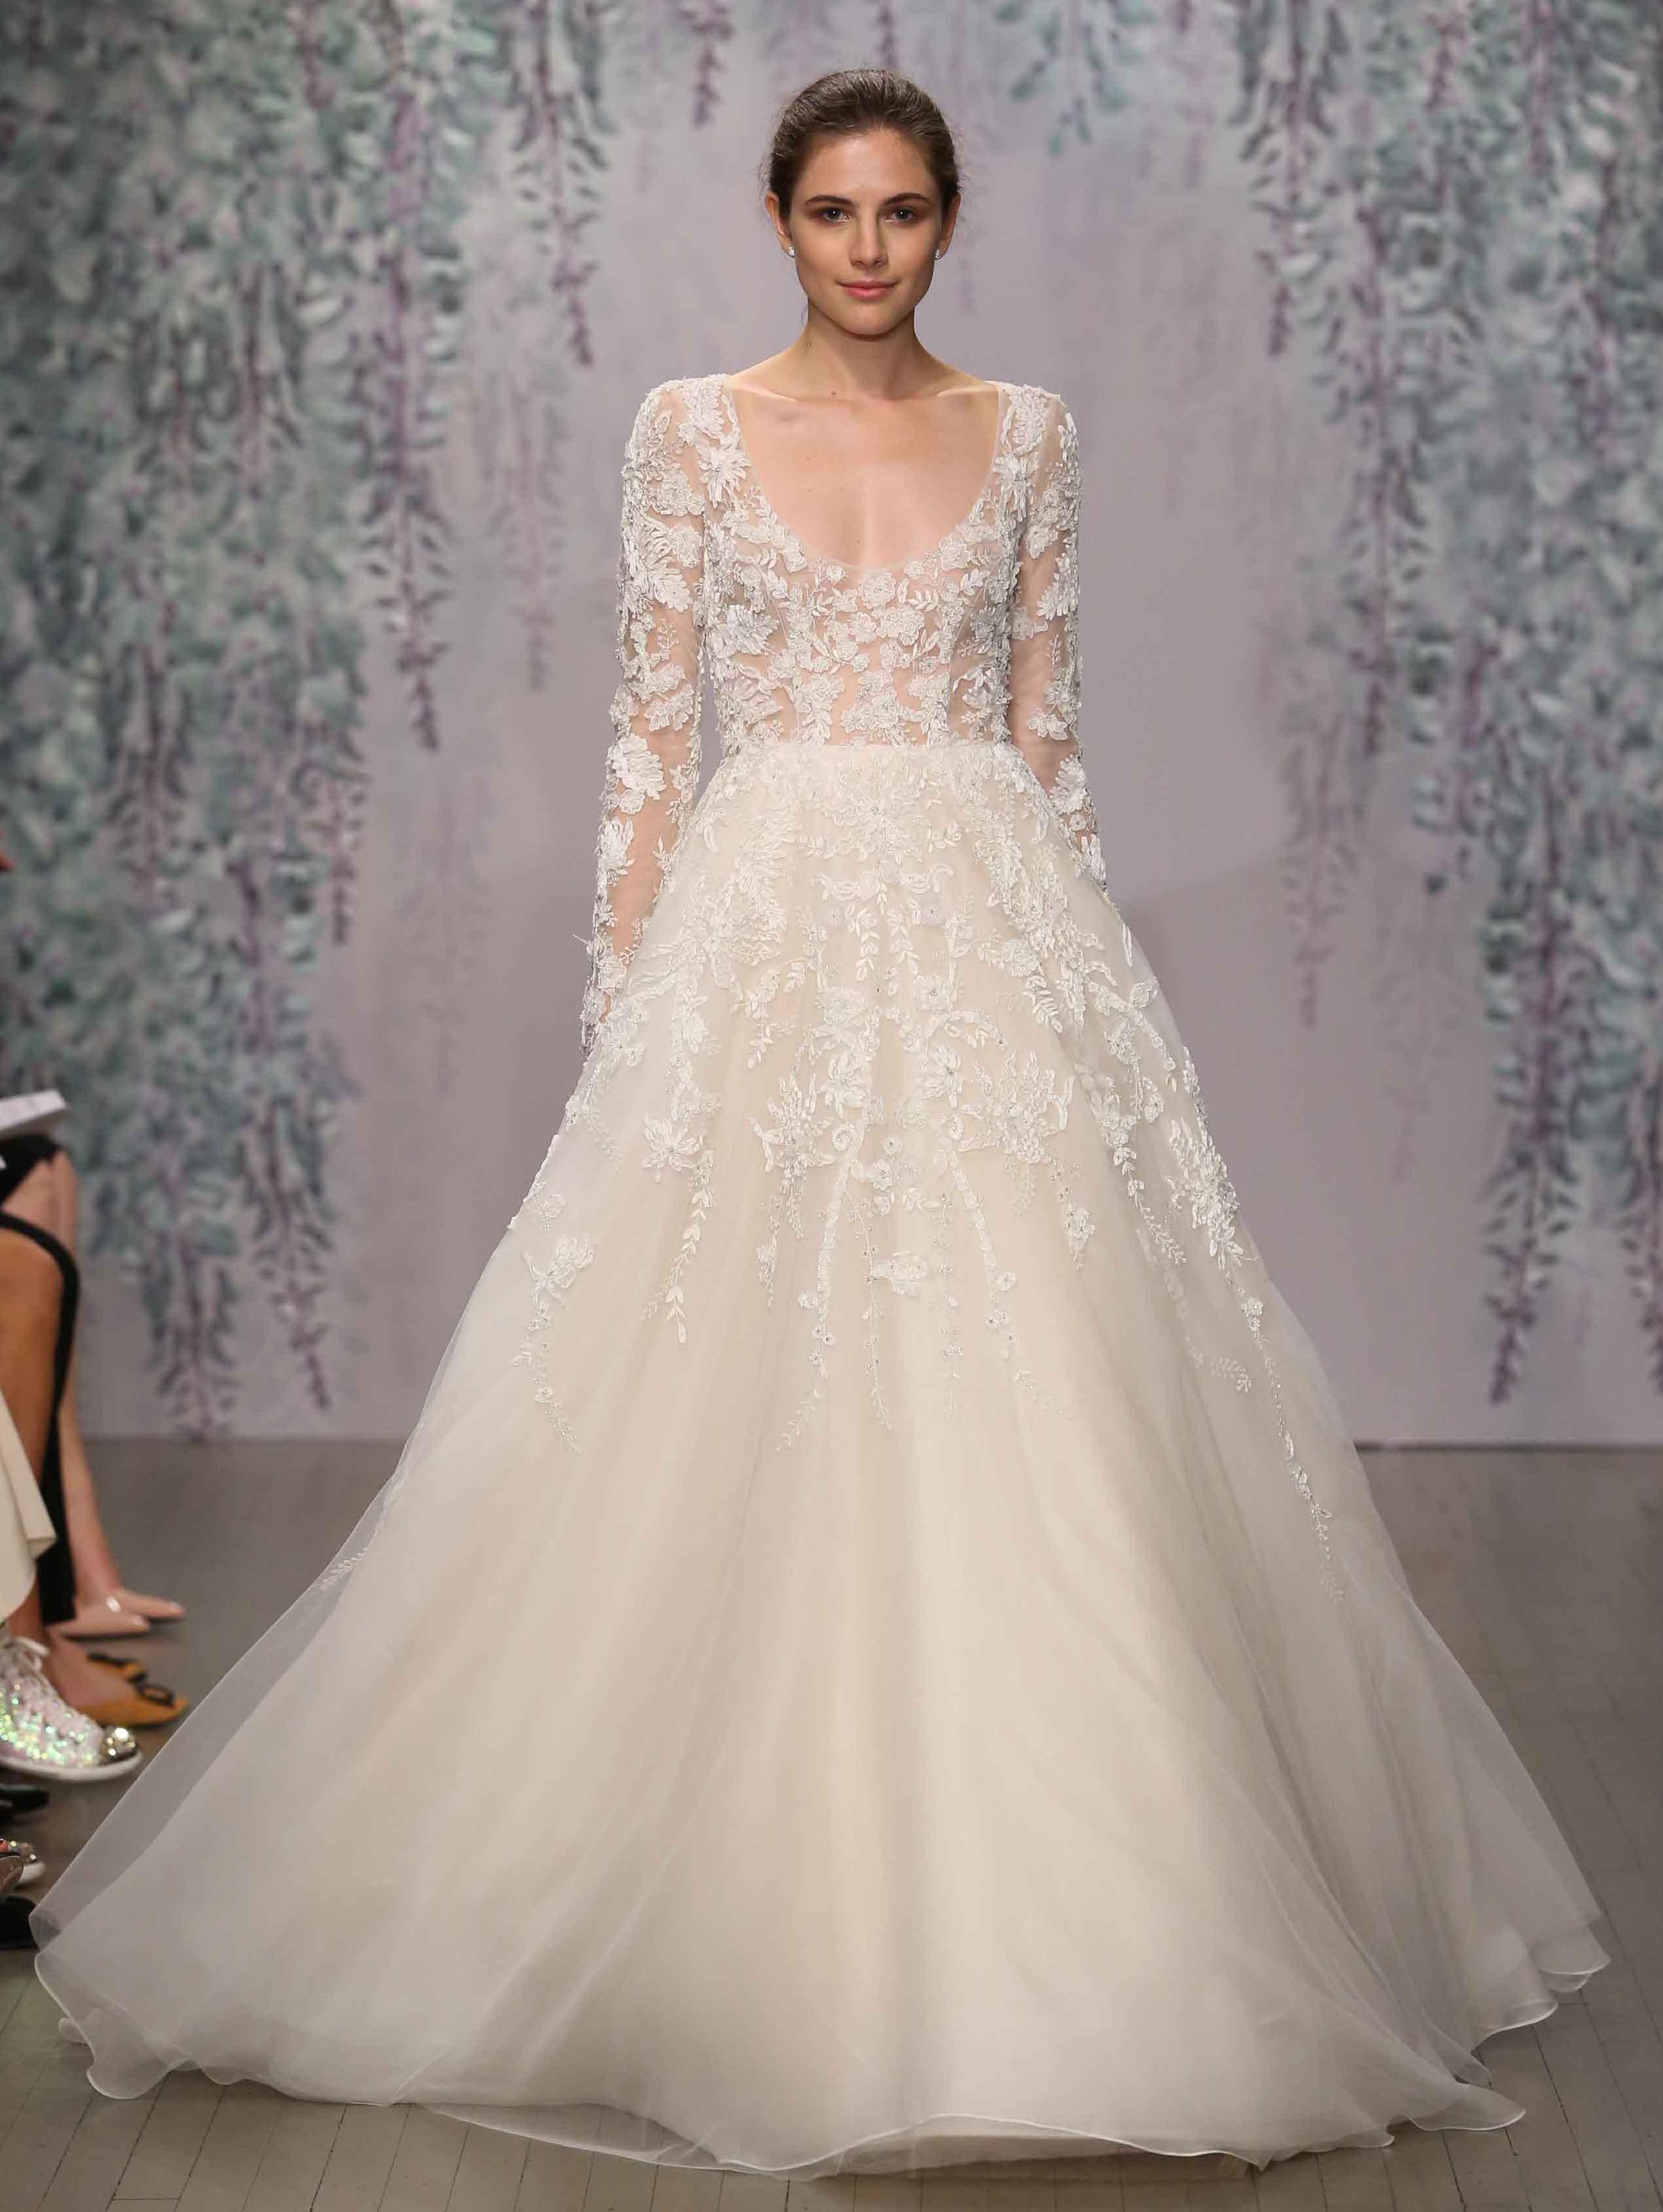 Get the look of Corinne Foxx's Golden Globes 2016 dress